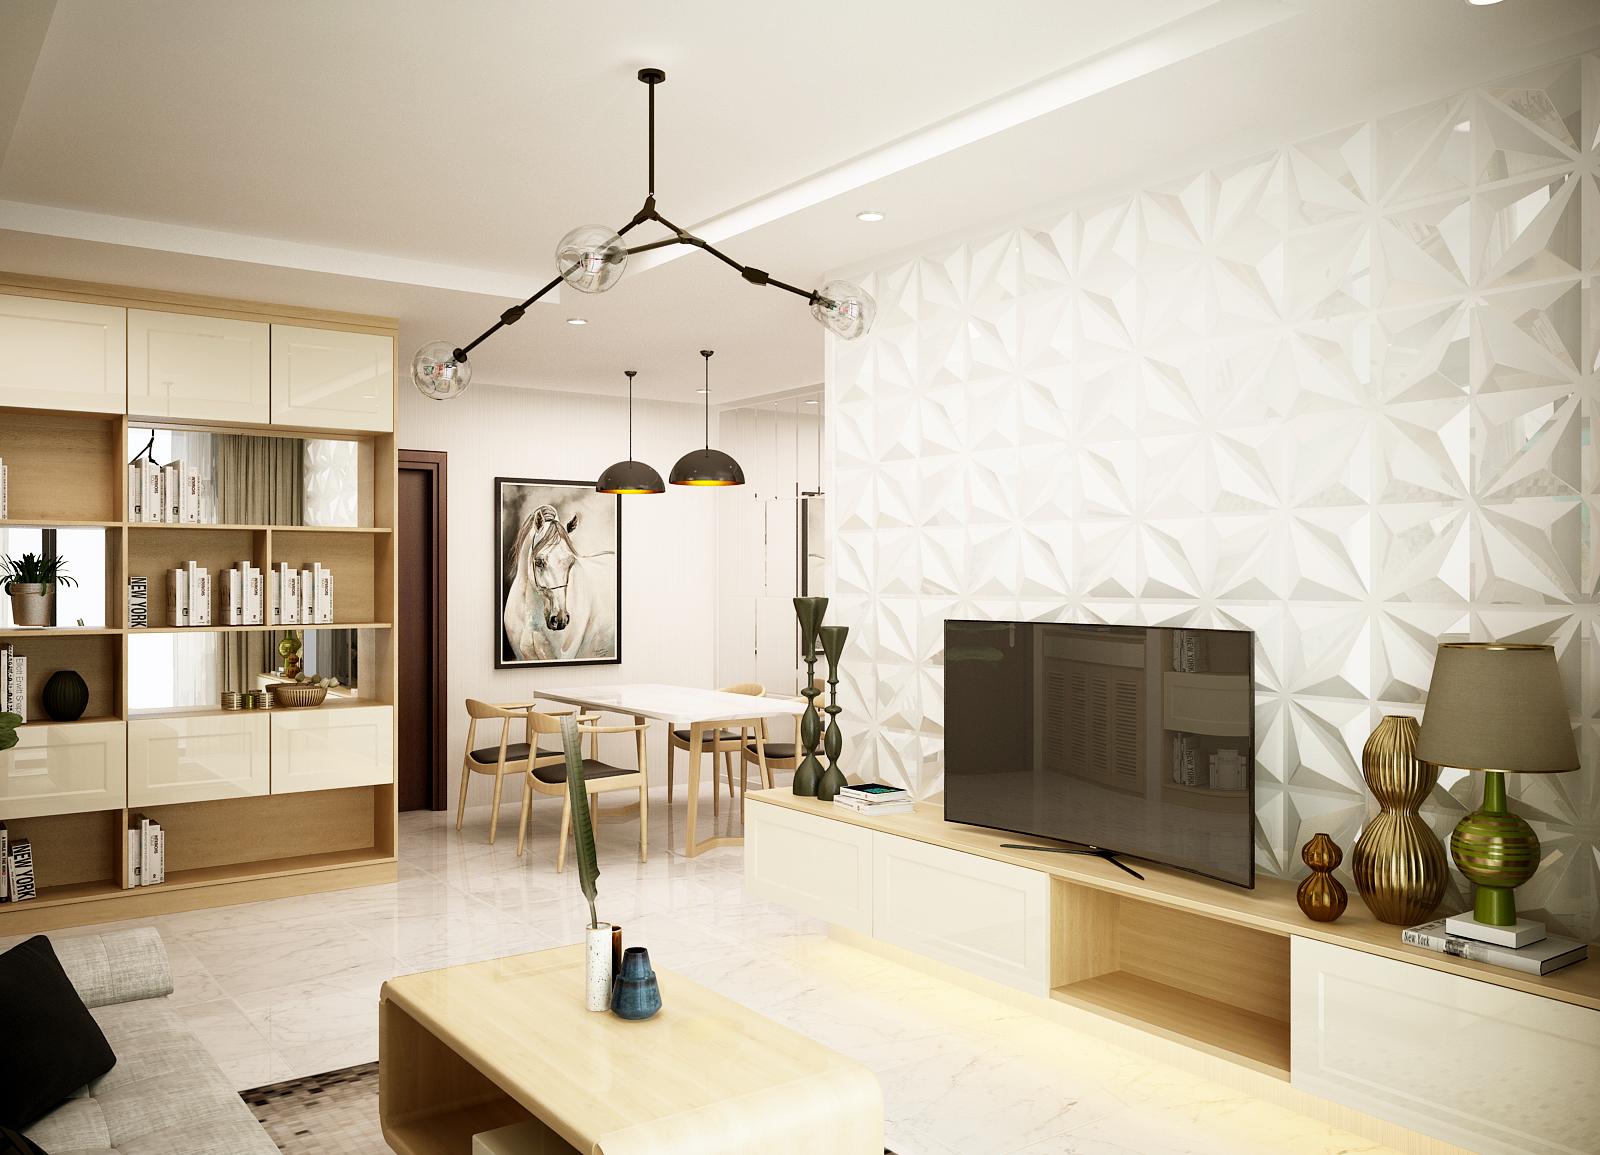 phong khach 4 1 - Nên lựa chọn chất liệu nào cho kệ tivi trong nội thất phòng khách?